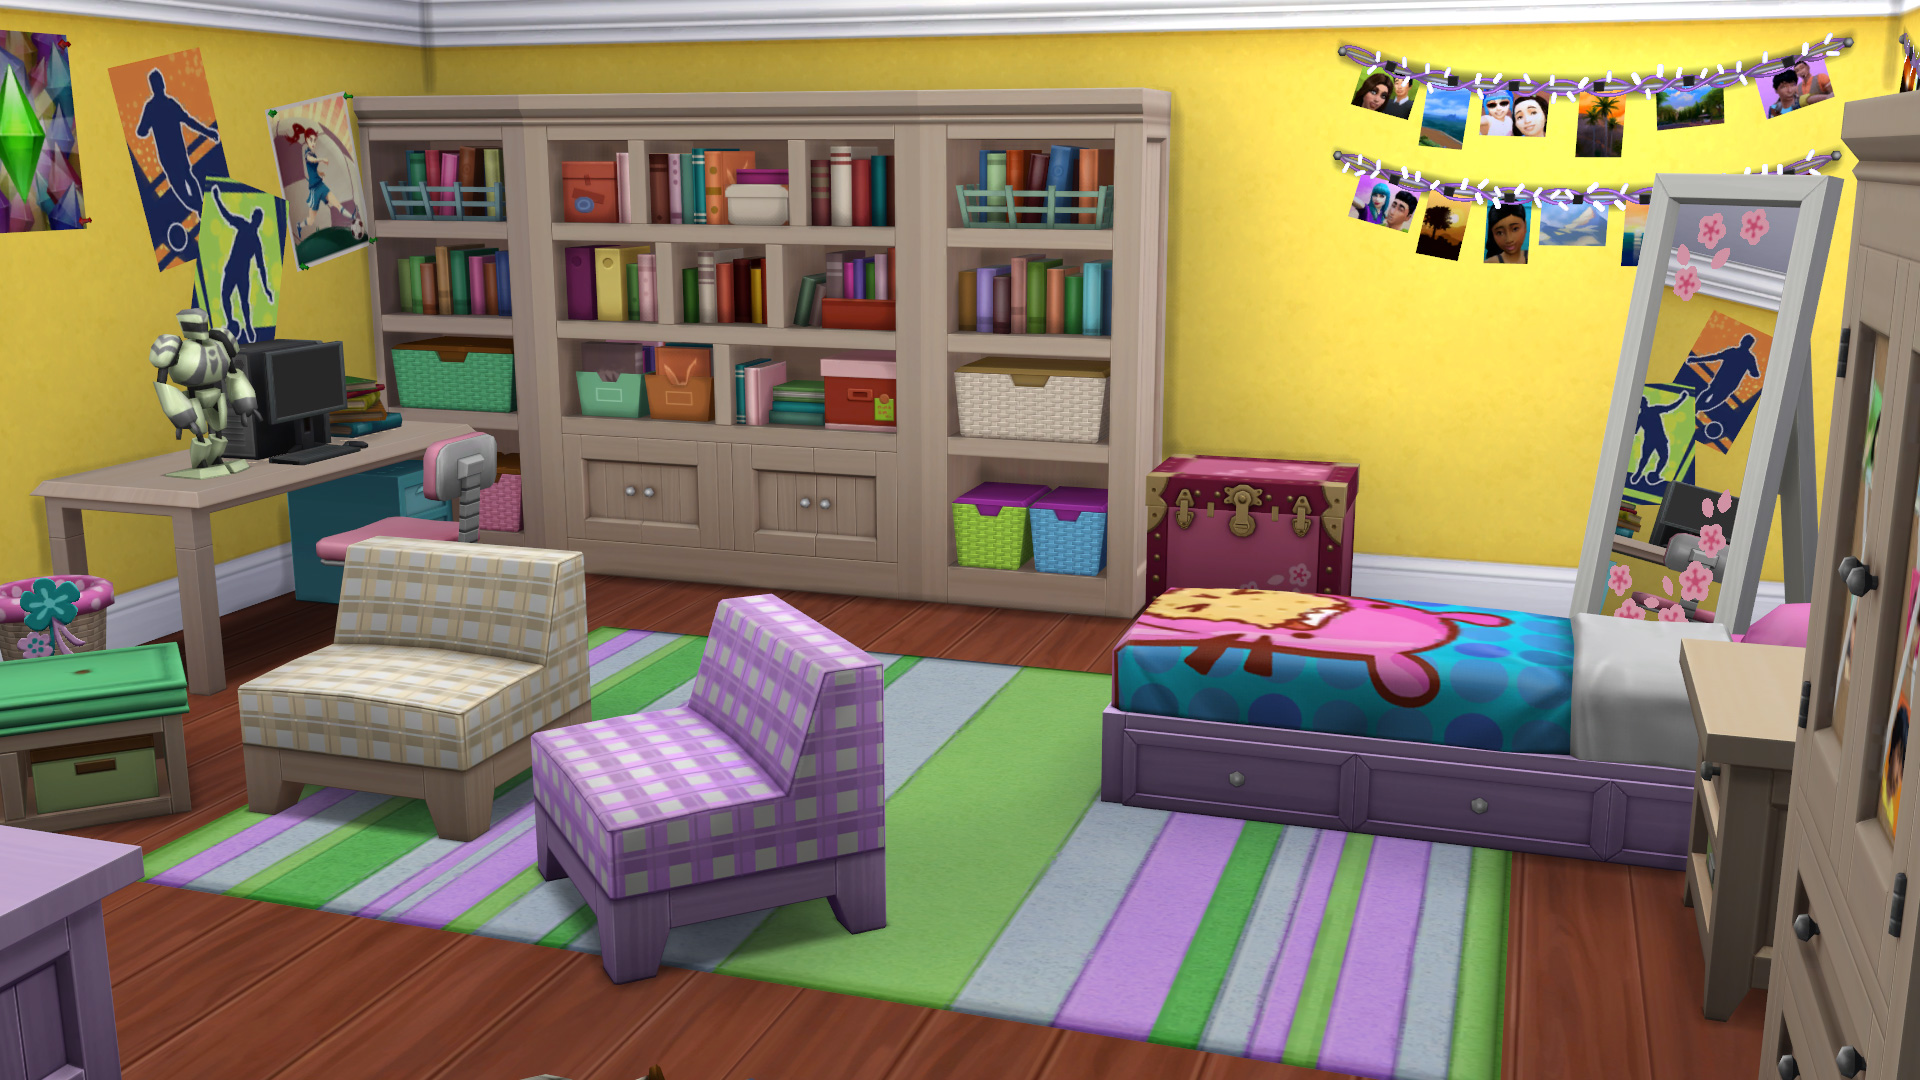 Angespielt Die Sims 4 Kinderzimmer Accessoires Simtimes